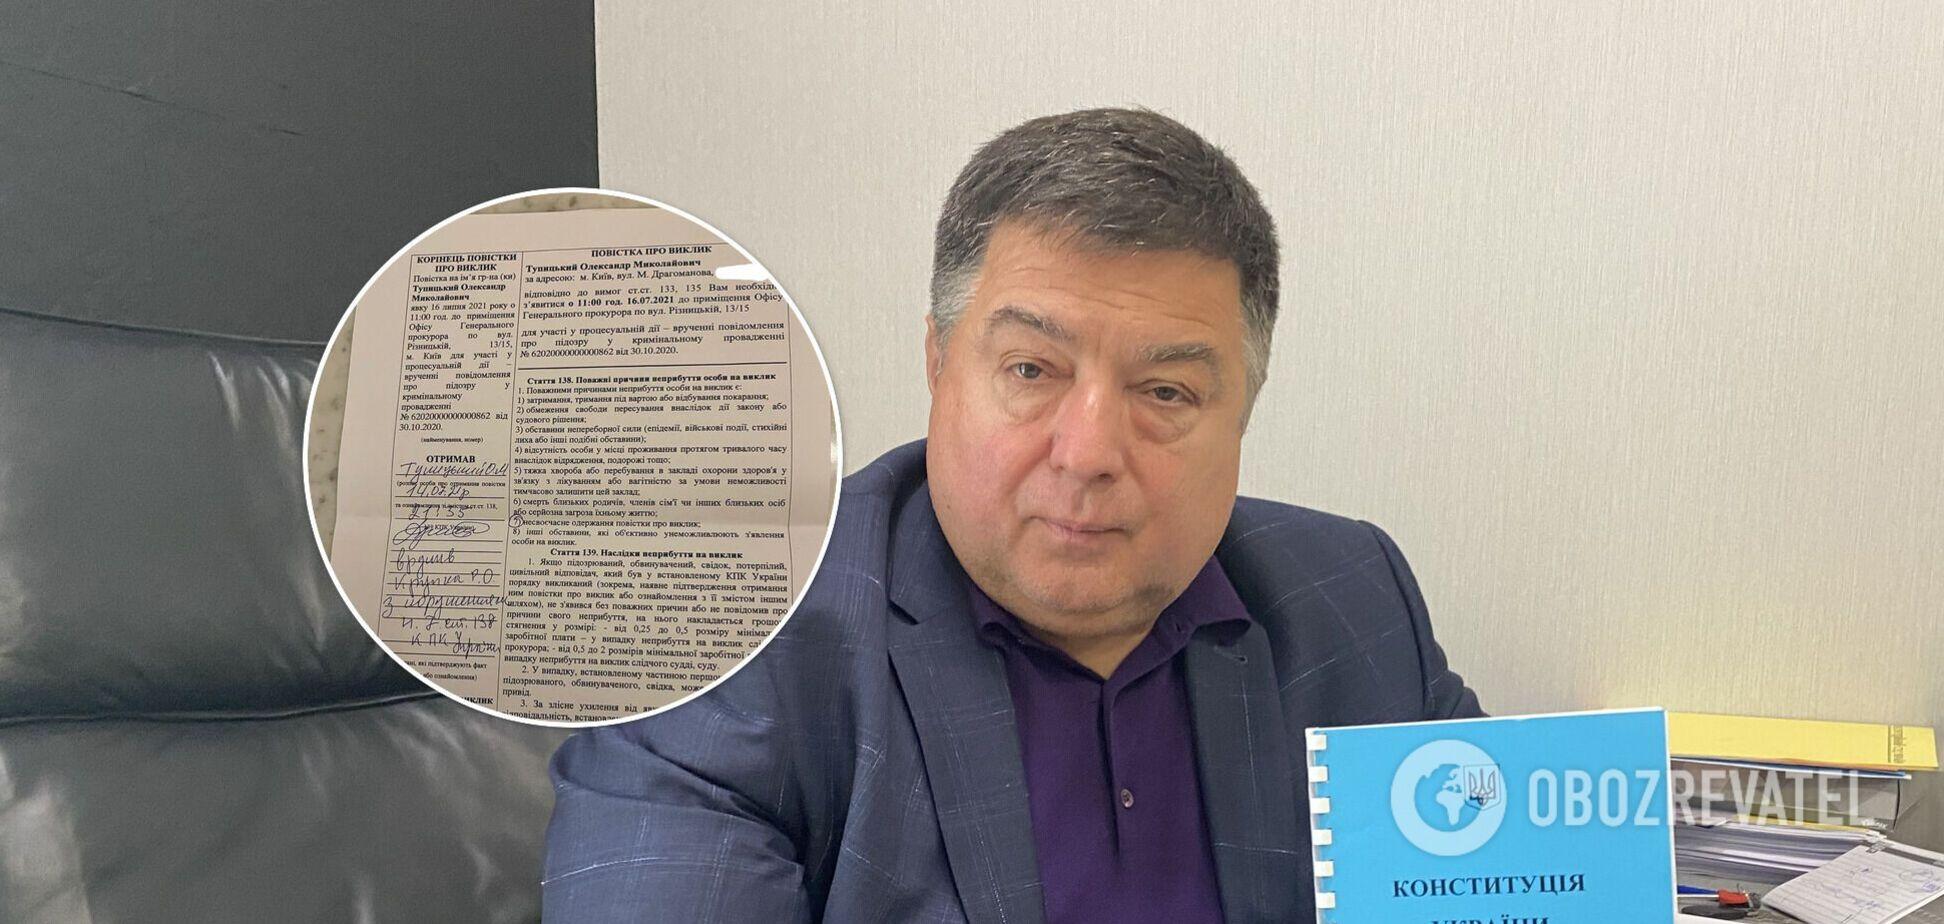 Тупицкого вызвали в Офис генпрокурора для вручения нового подозрения. Документ